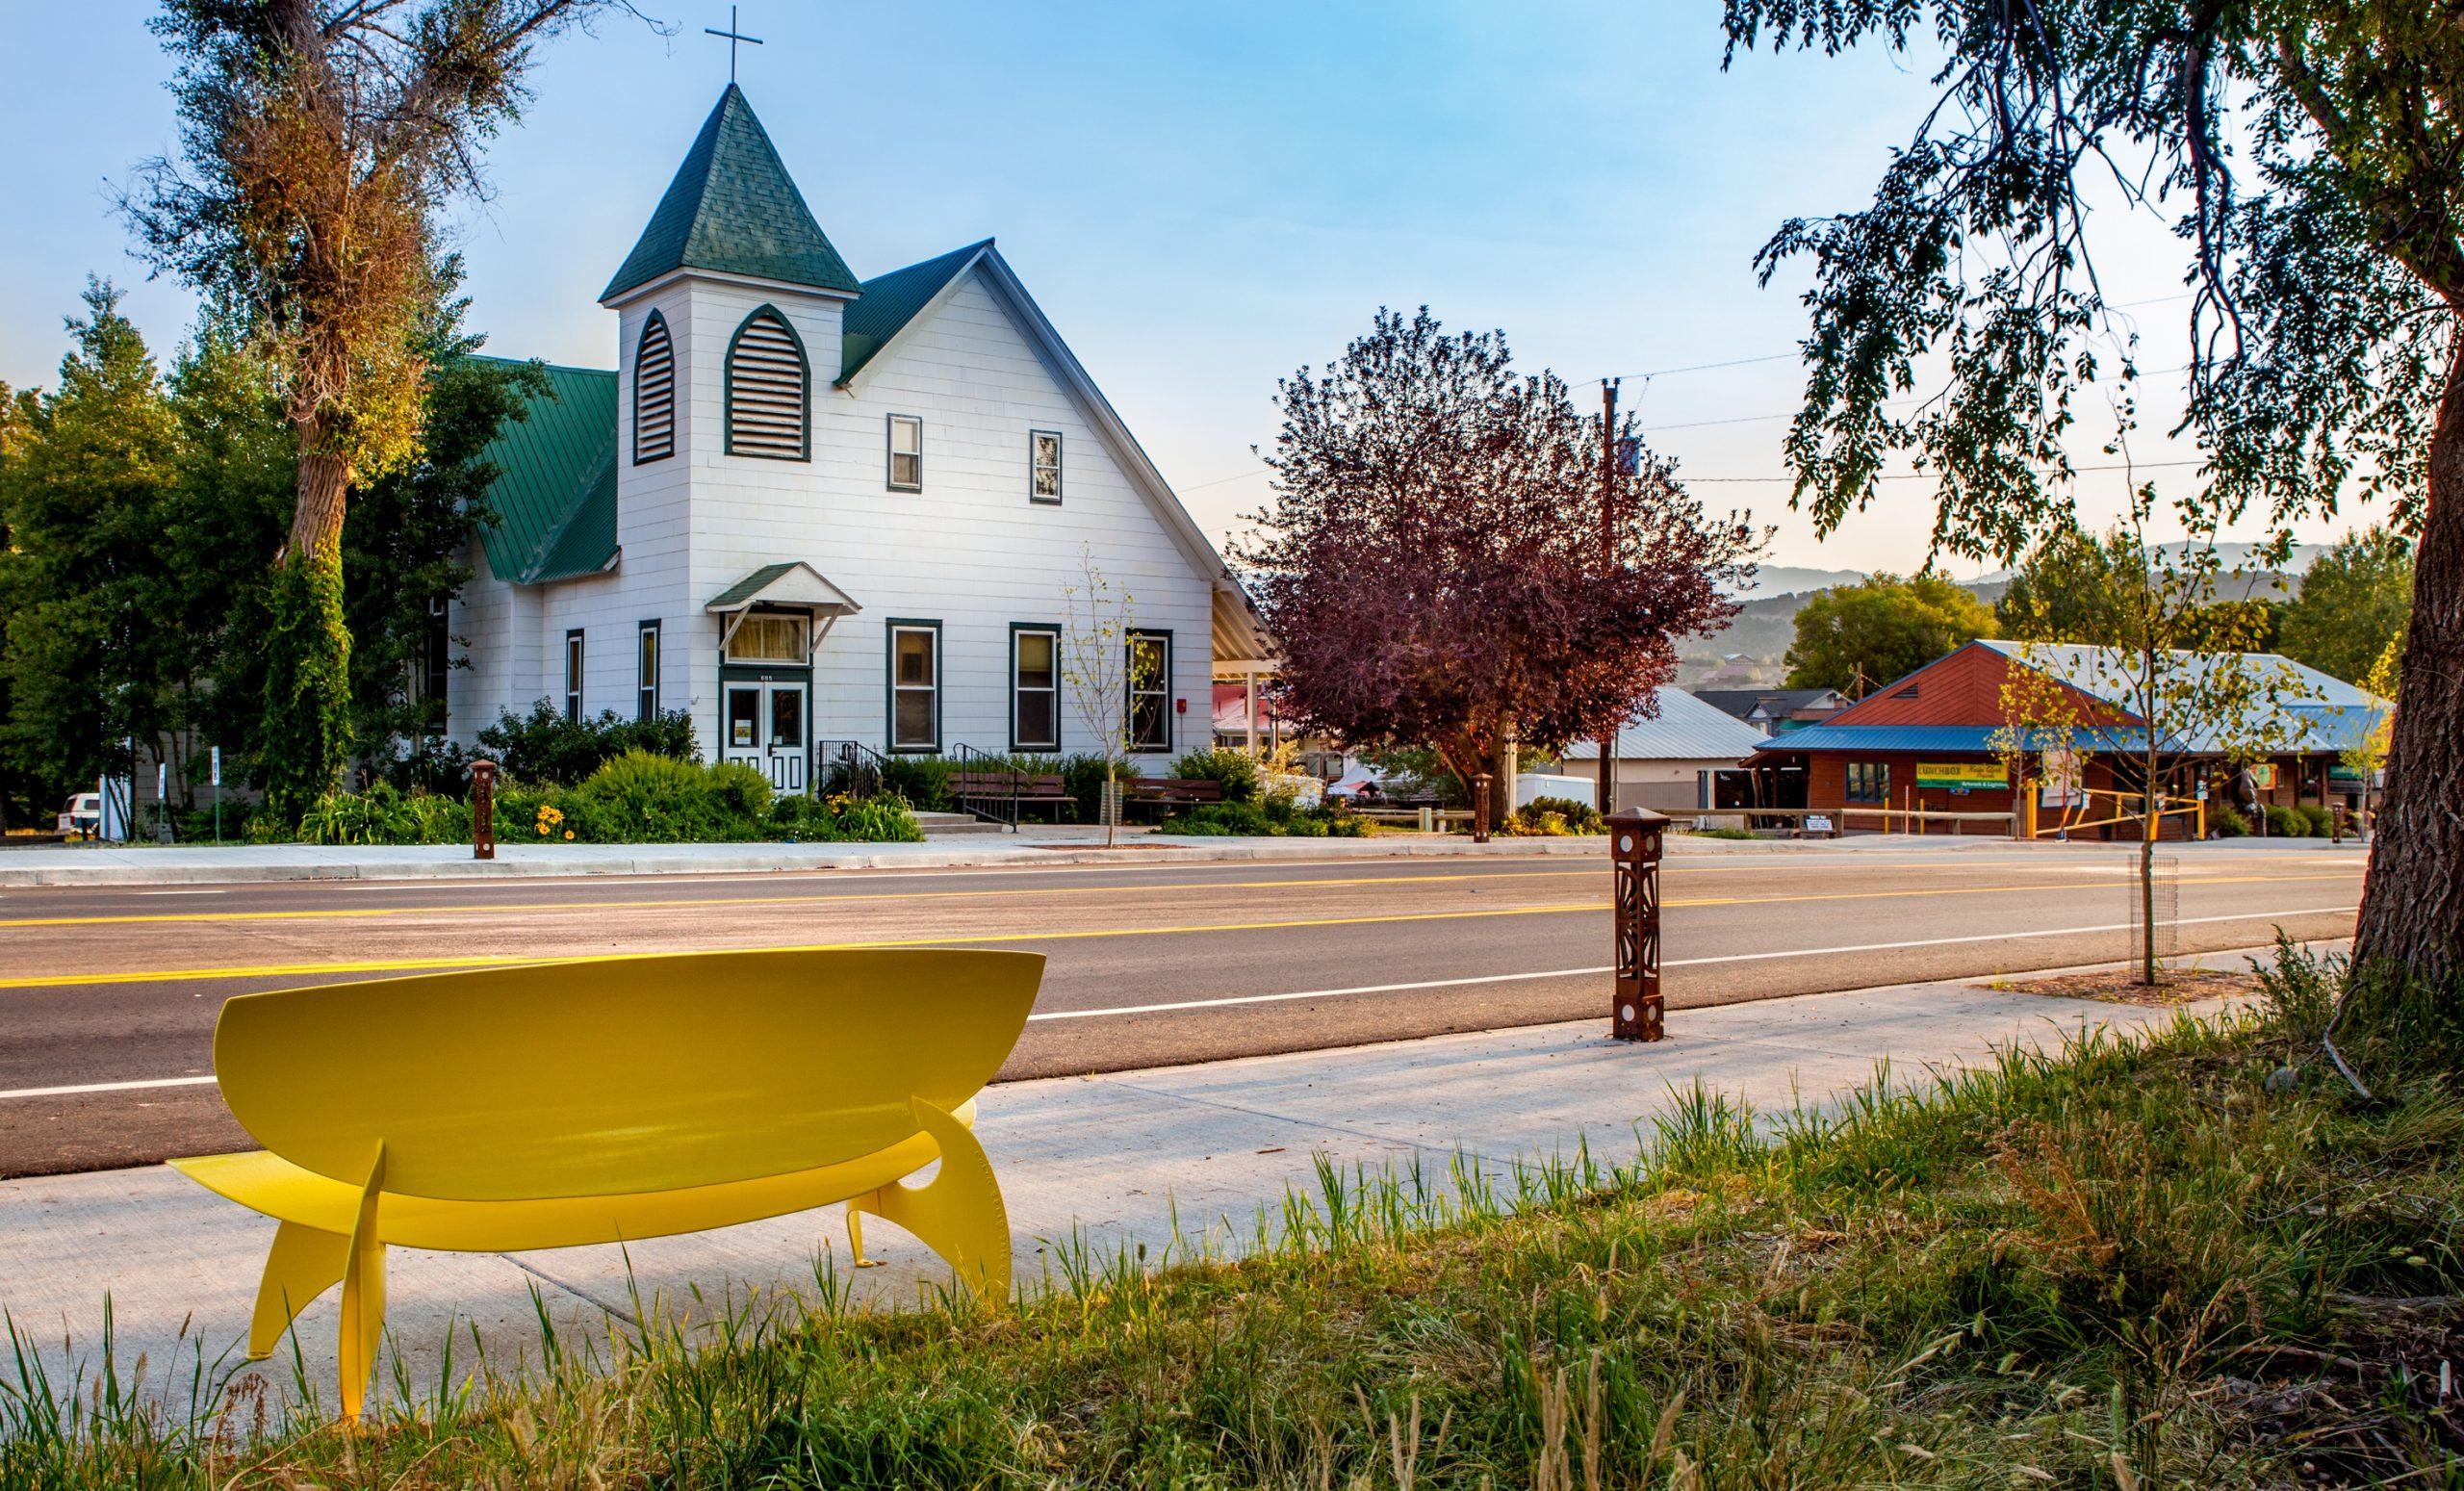 Colorado Rural Highway